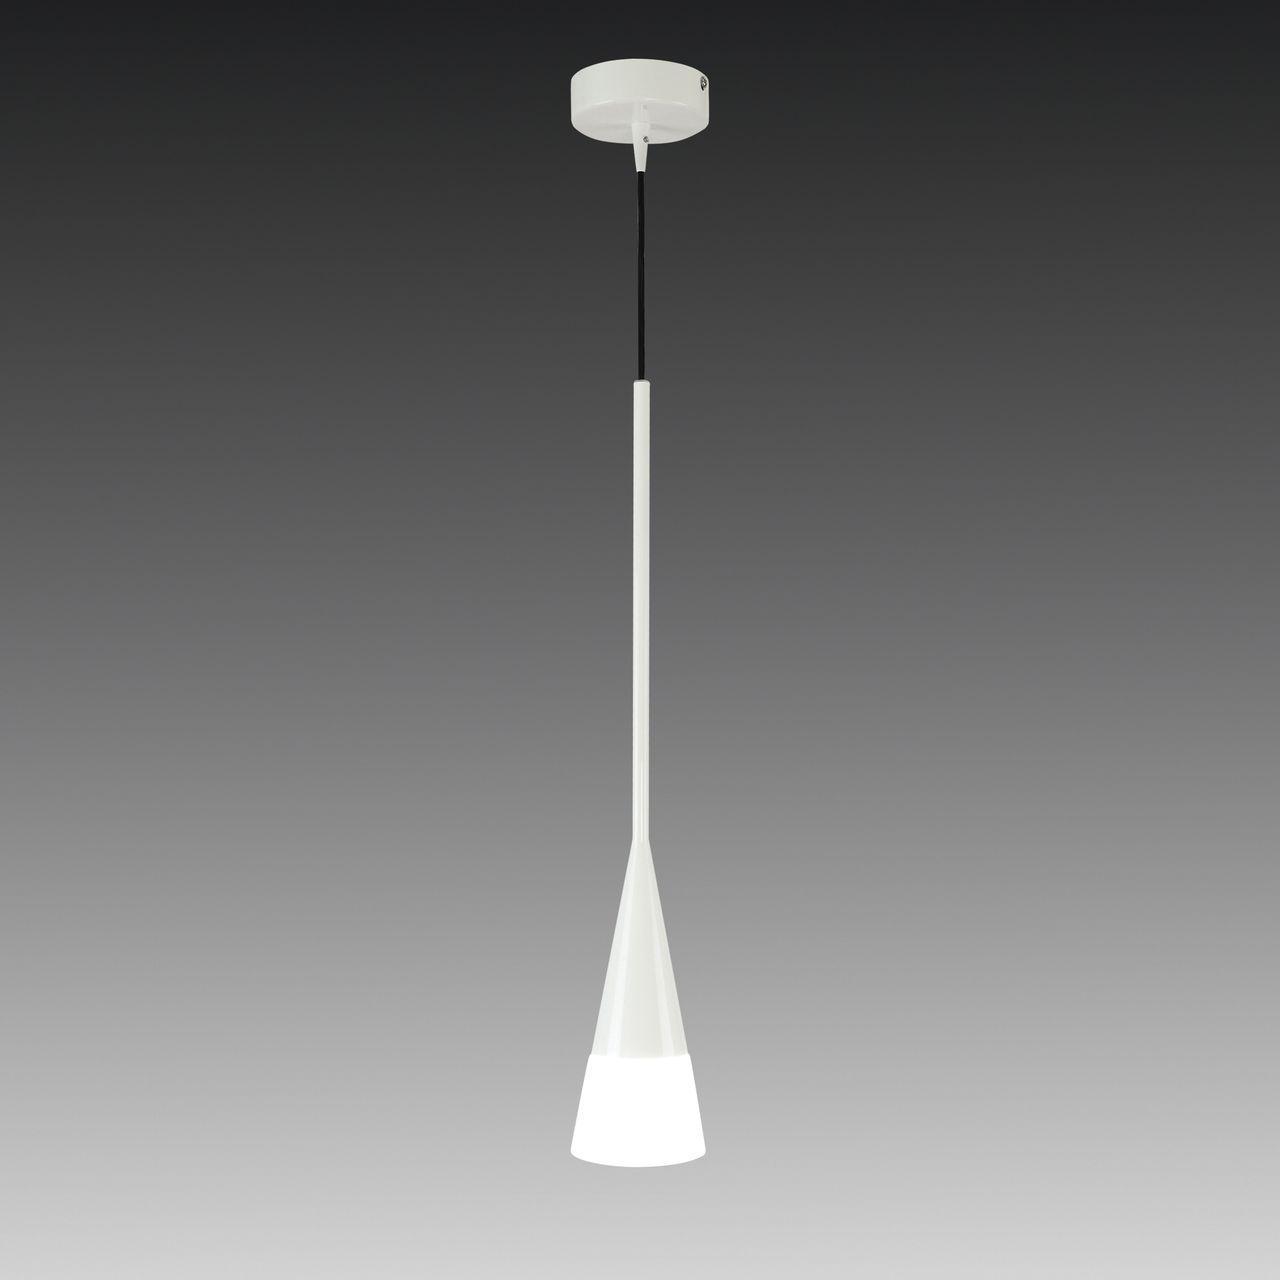 Подвесной светильник Lightstar Conicita 804110 подвесной светильник lightstar conicita 804110